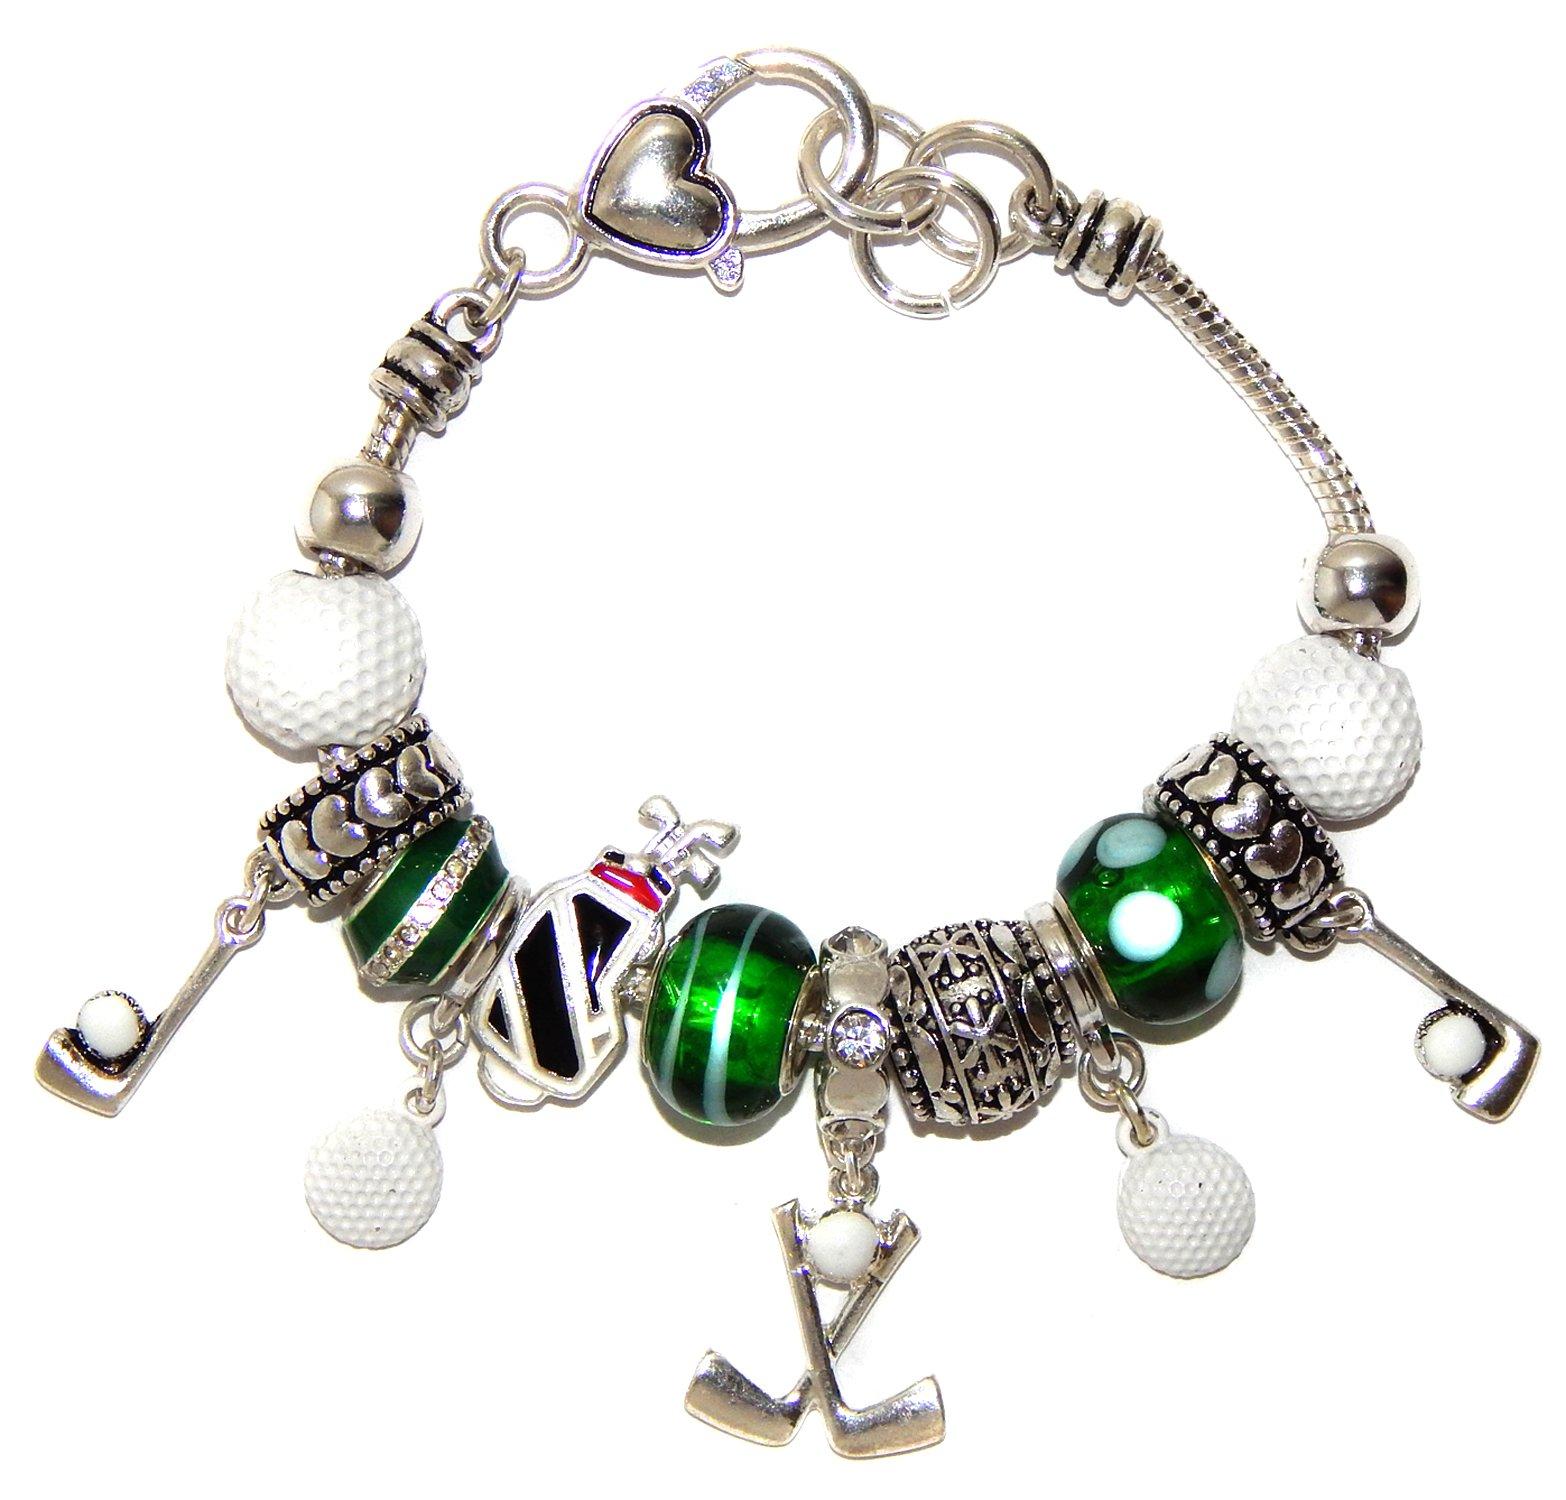 Landau Ambrosia Golf Theme Theme Charm Bracelet